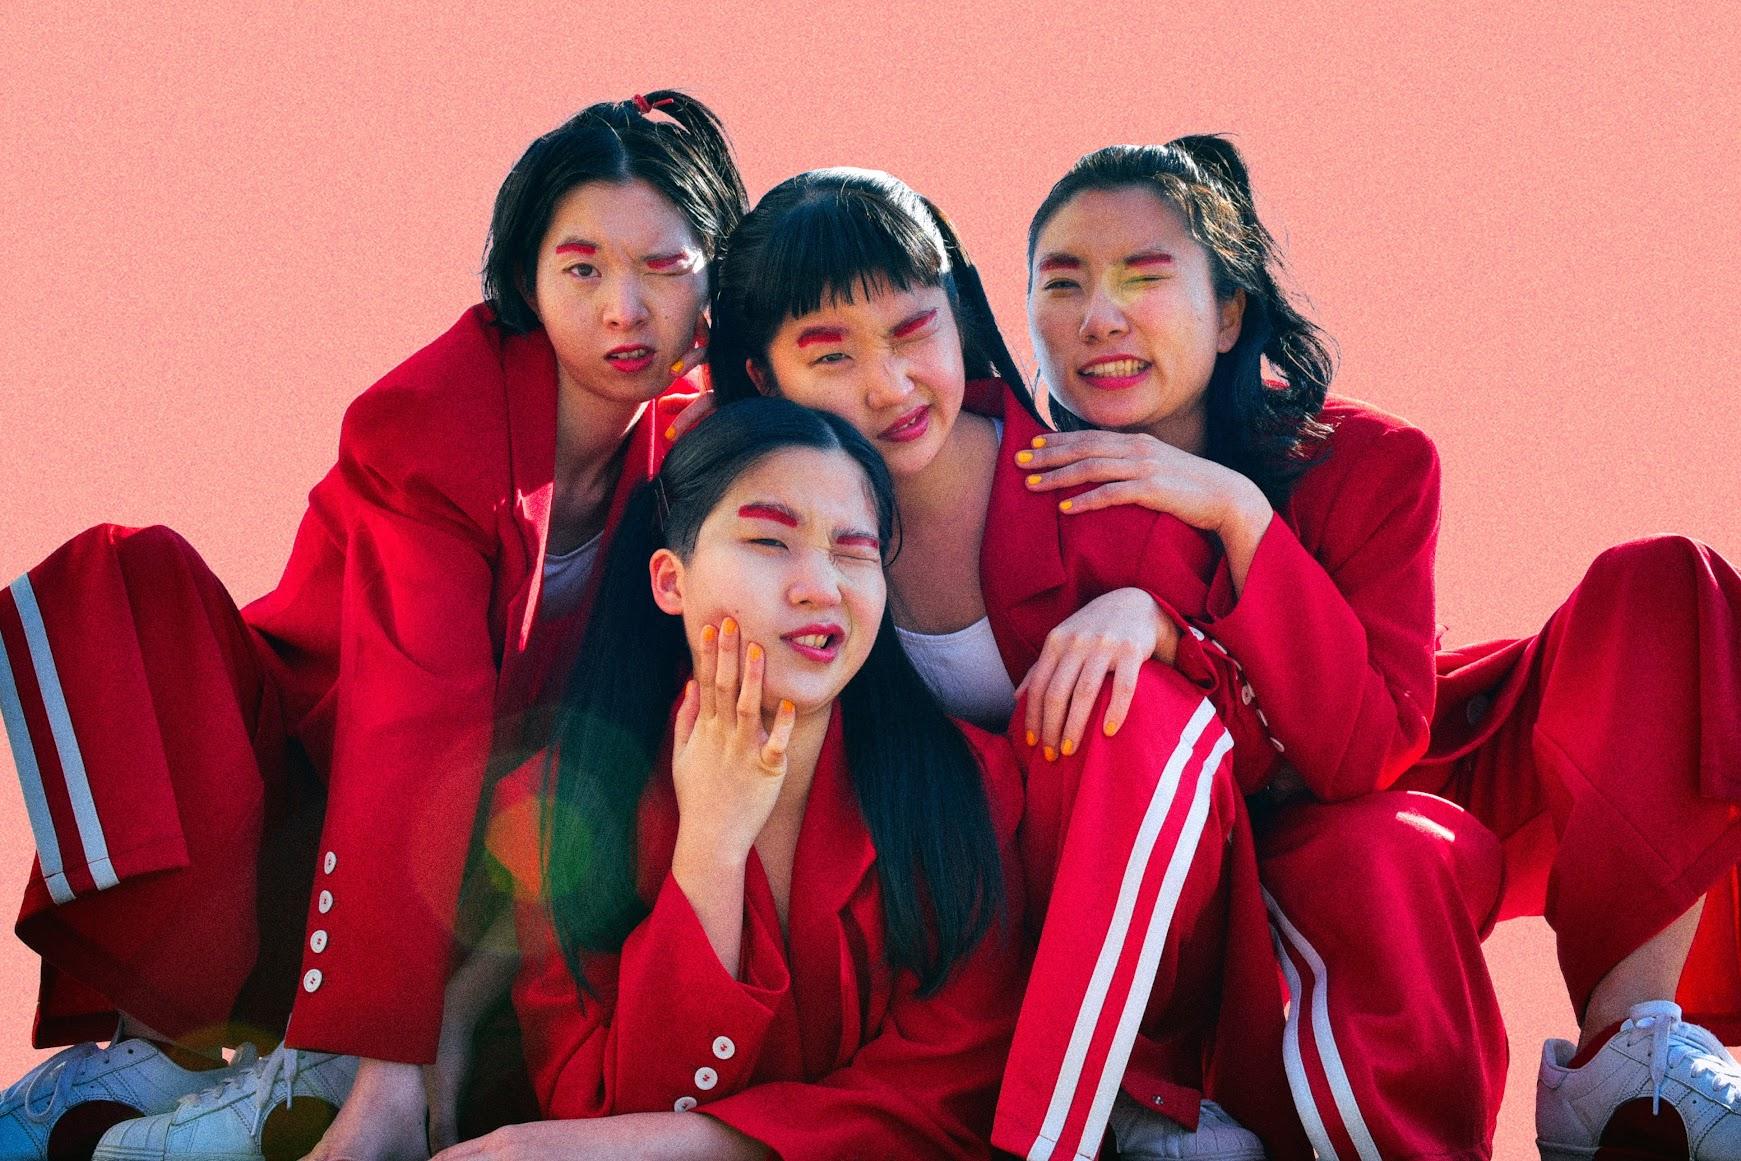 [迷迷演唱會]翻轉「可愛」定義 次世代另類粉紅旋風 CHAI 首度襲台!